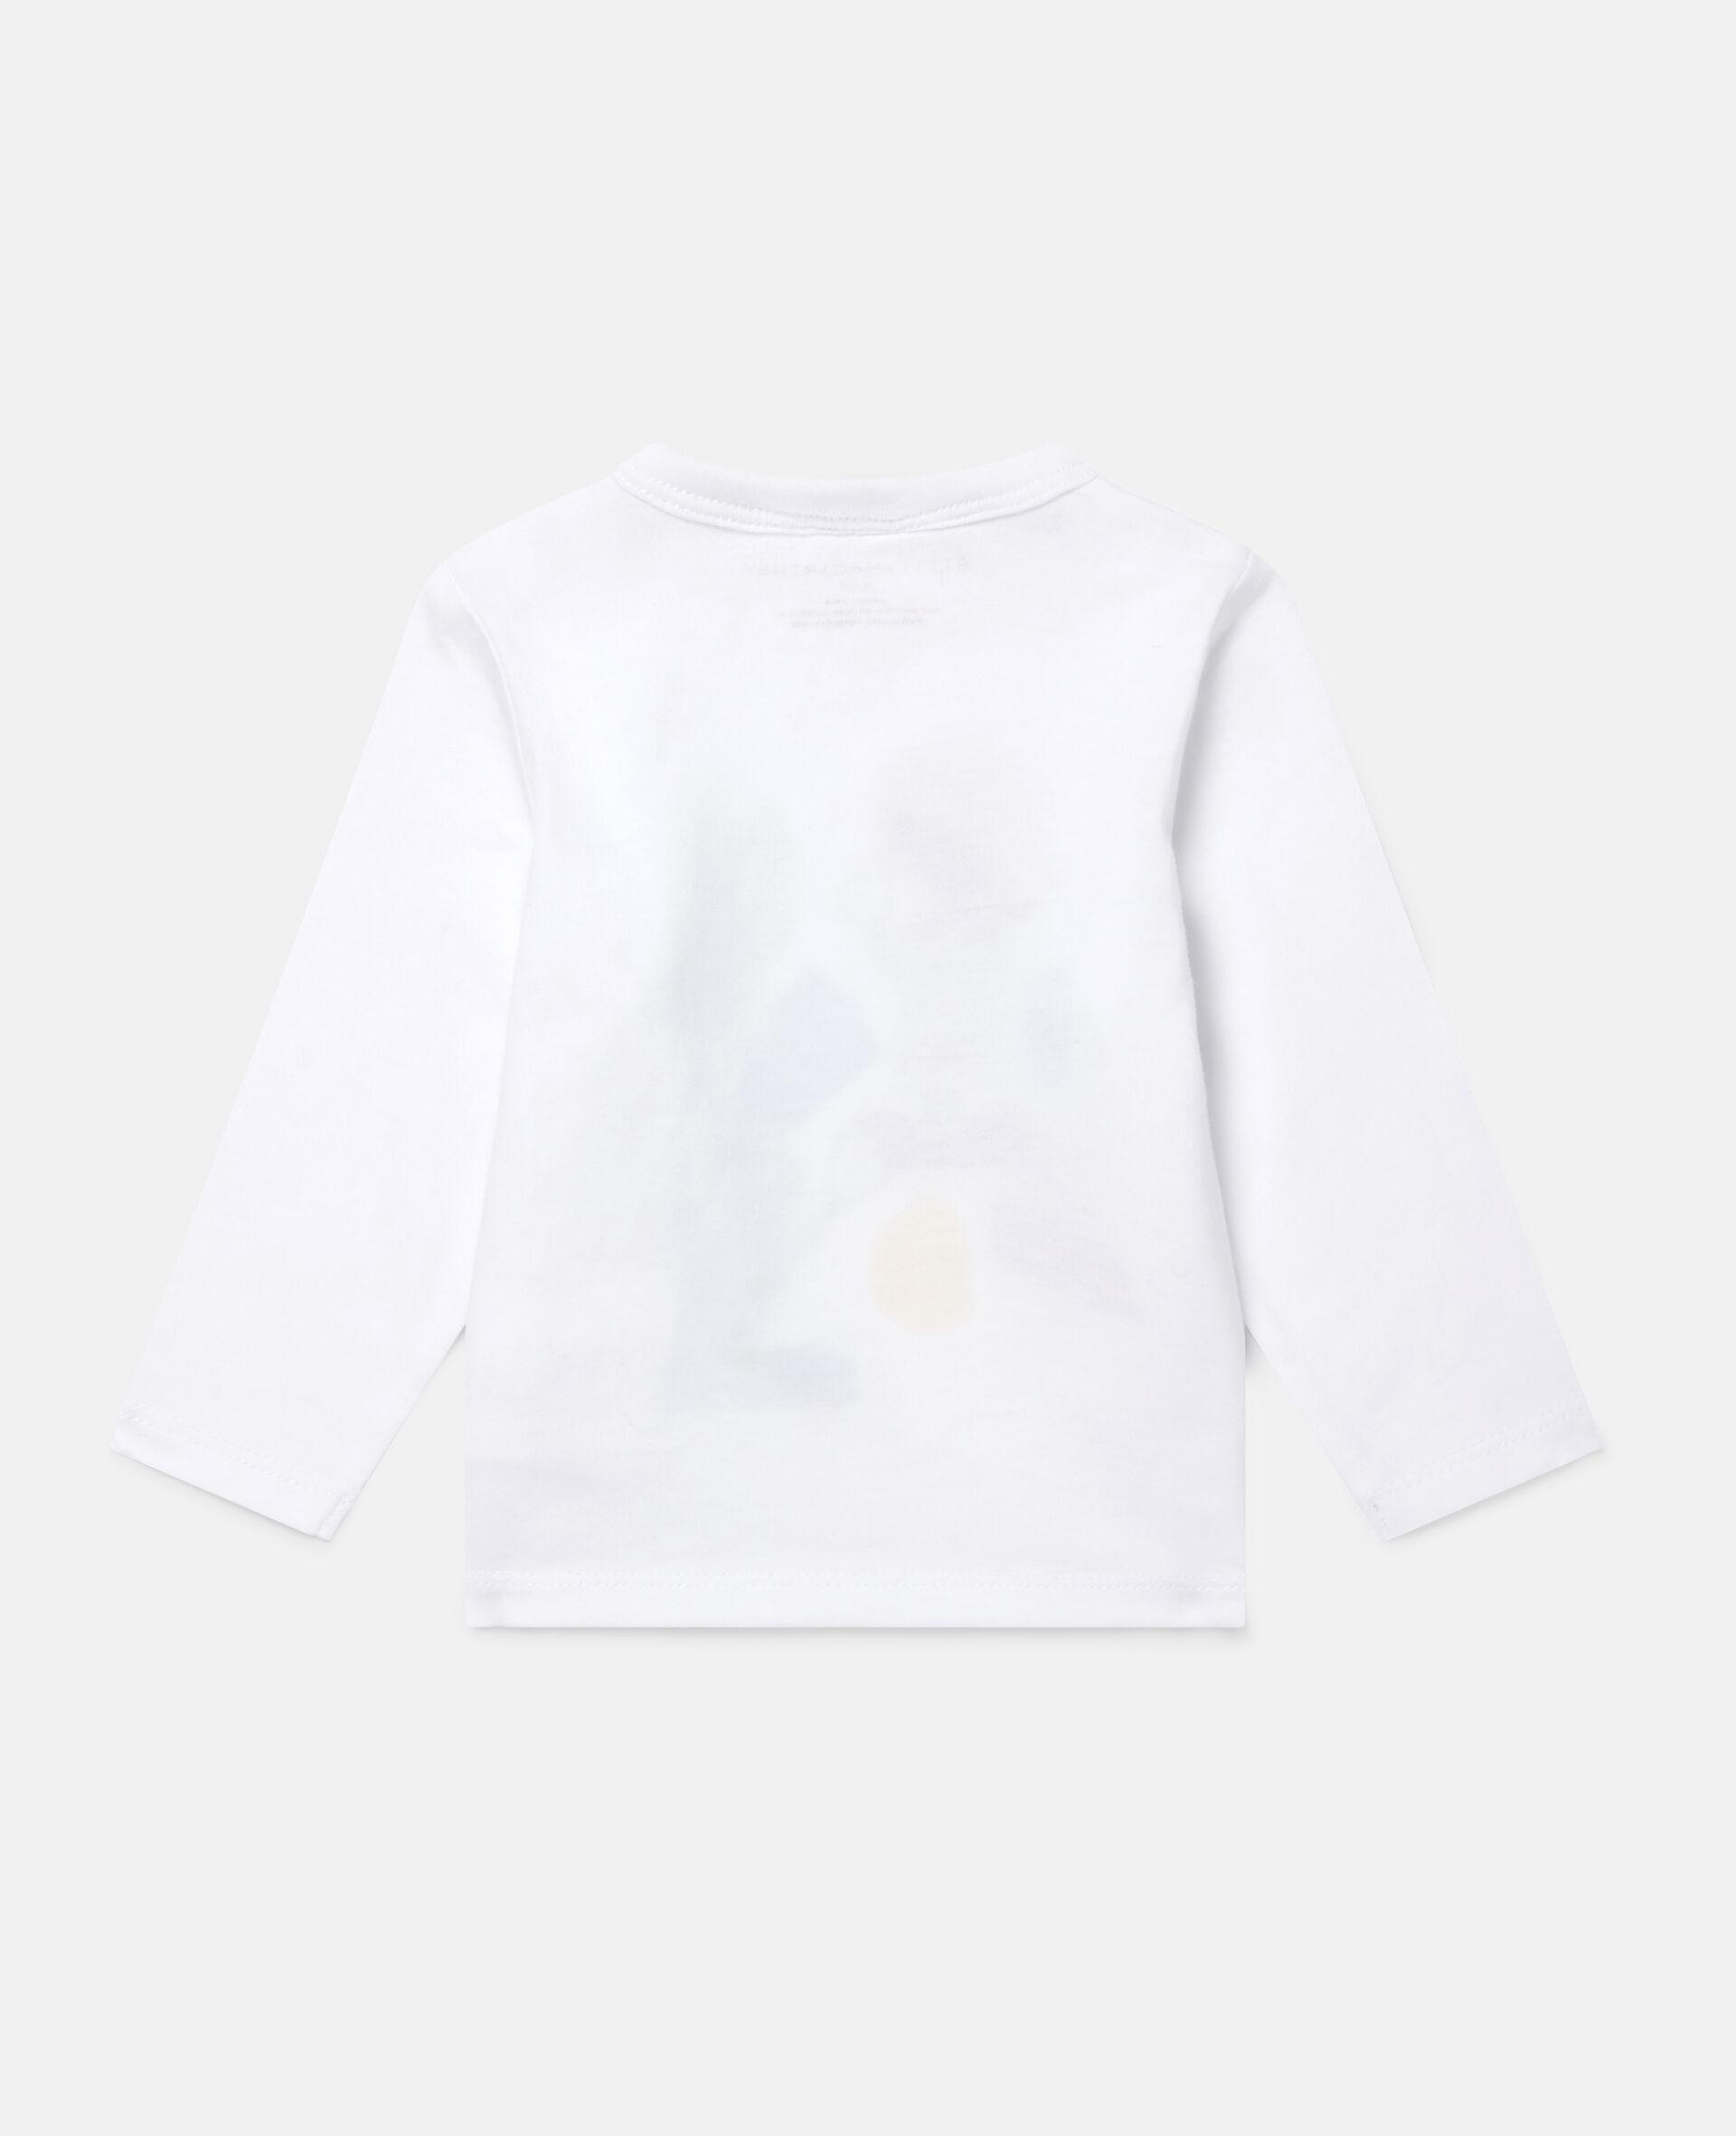 Haut imprimé aérosols peinture-Blanc-large image number 3